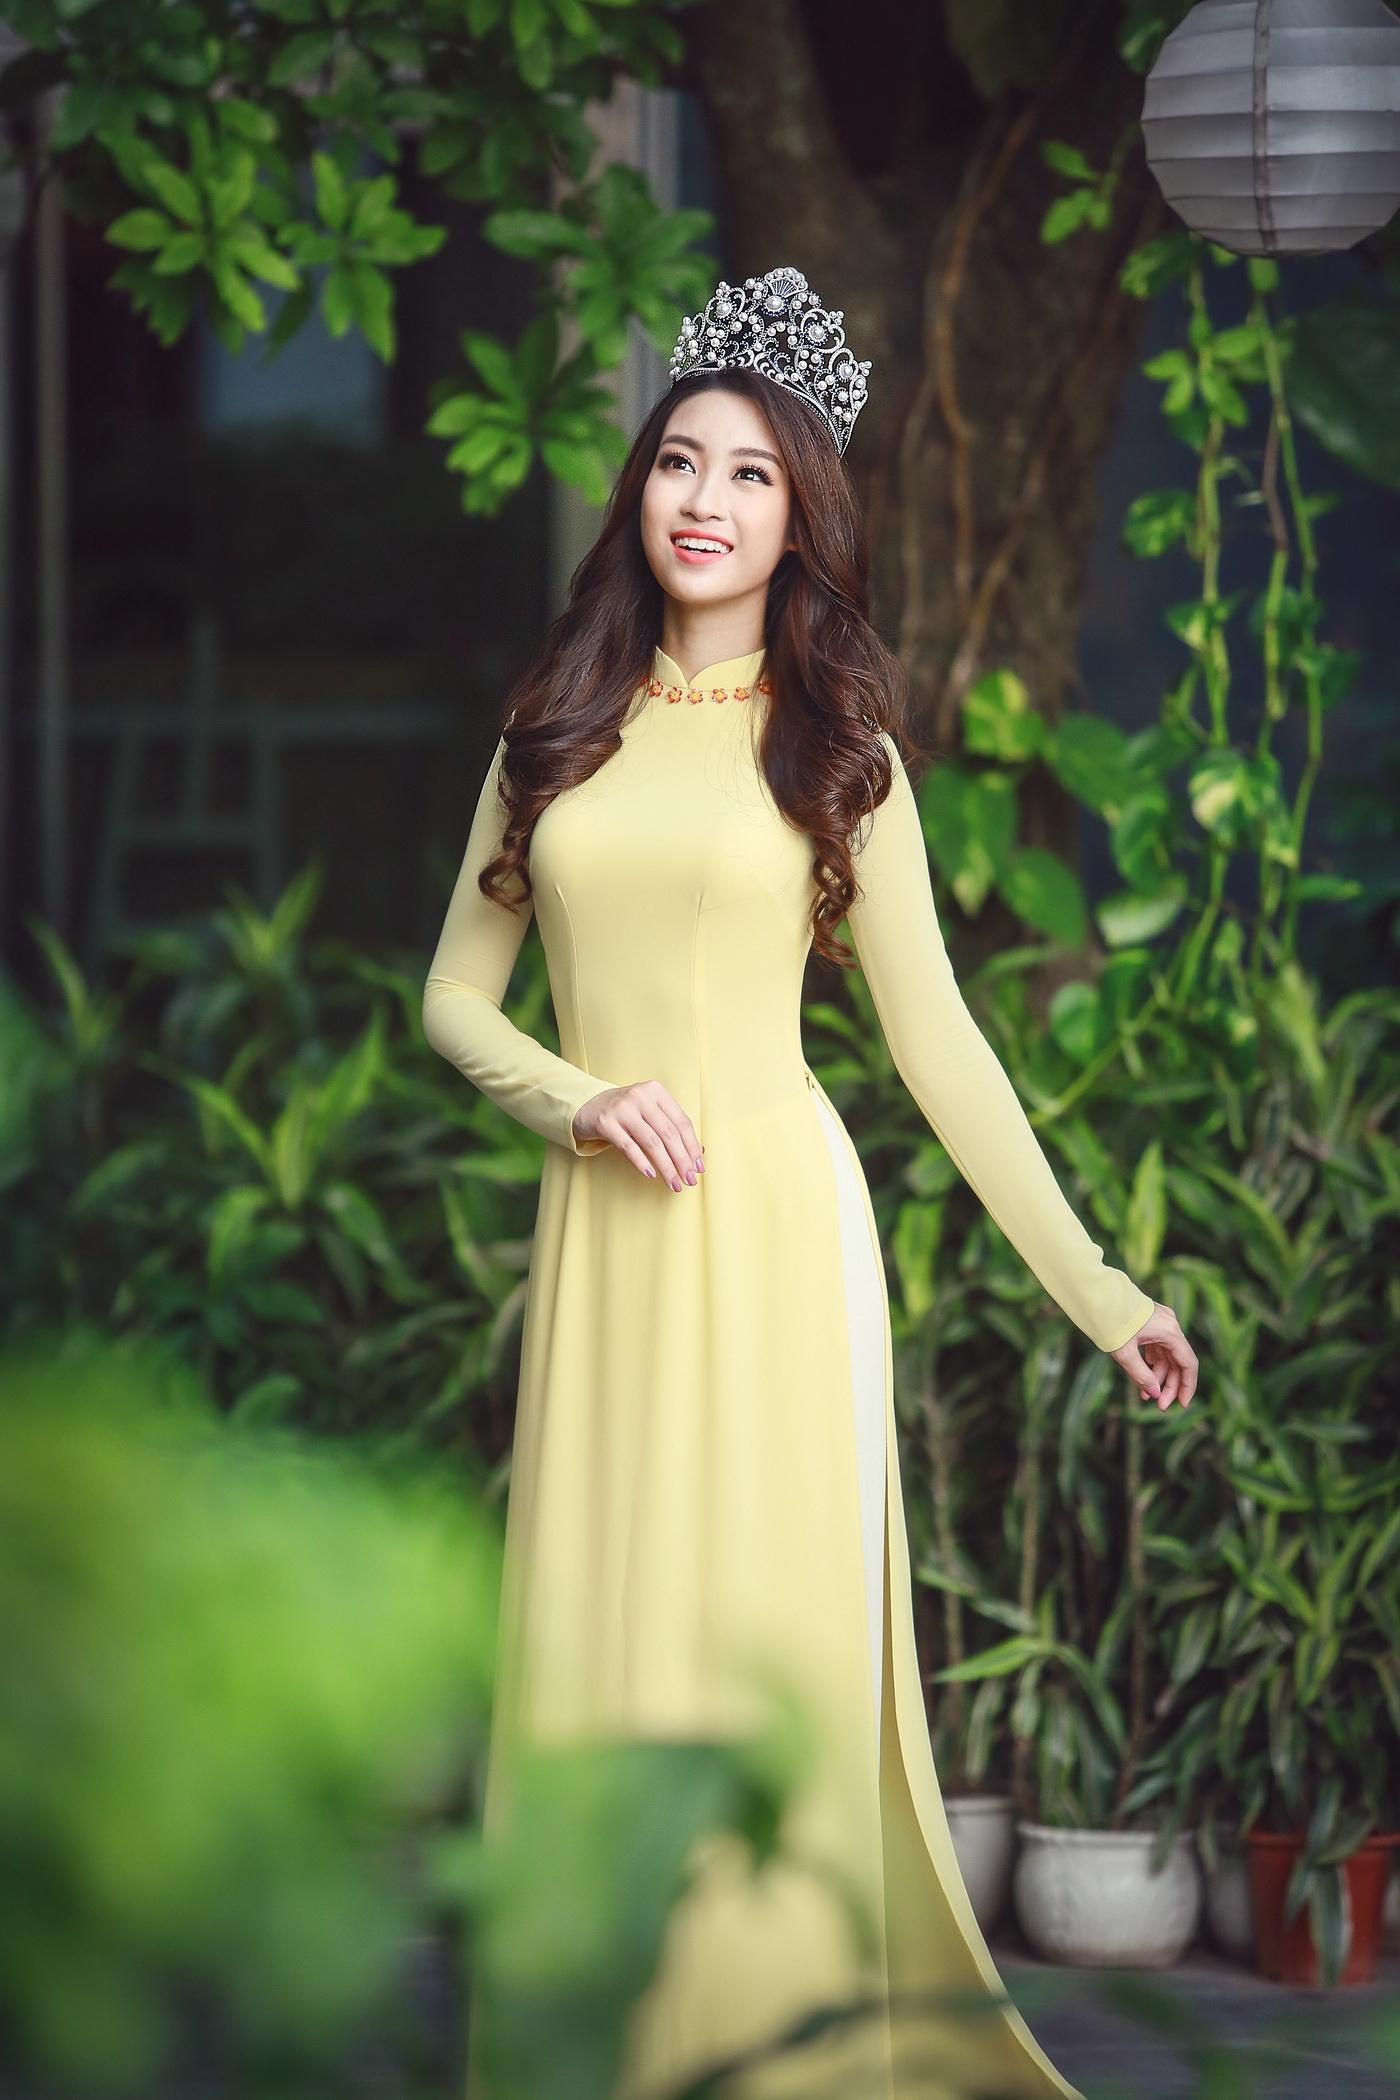 Hoa hậu Mỹ Linh tỏa sáng trong tà áo dài vàng tại sự kiện 7